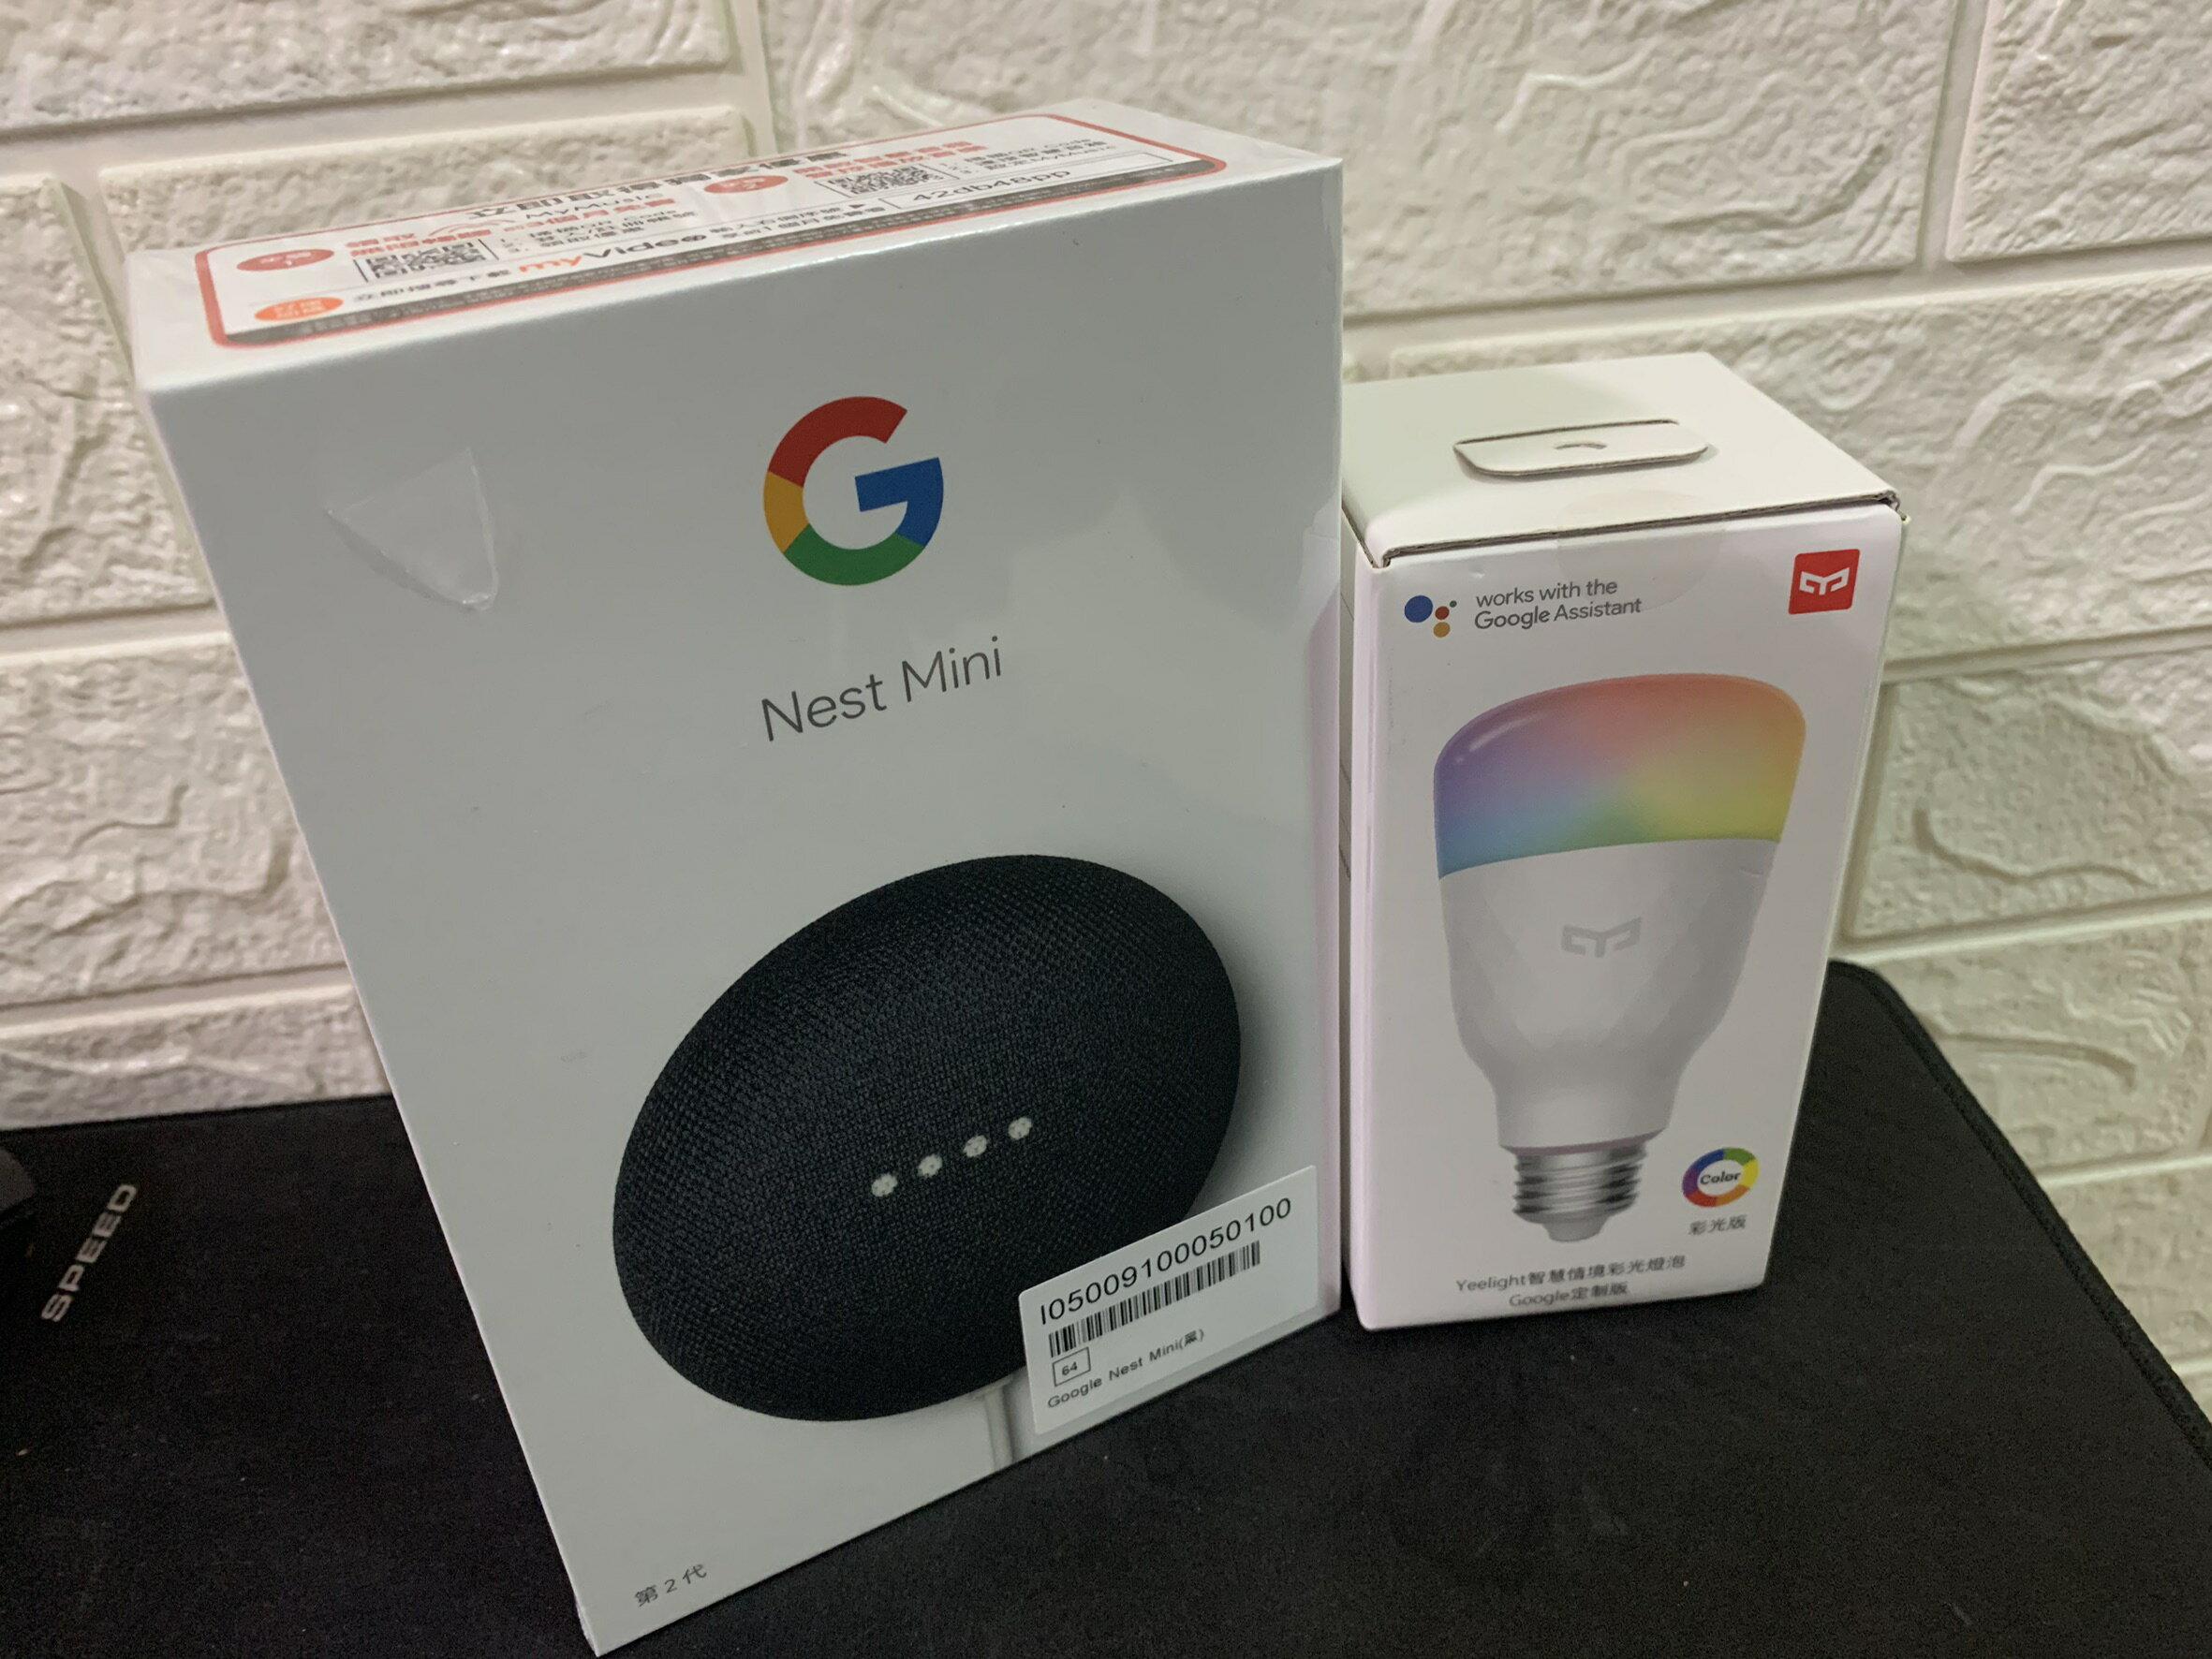 組合包 Google Nest Mini 智慧音箱 + yeelight智慧情境彩光燈泡 智慧家電 智慧3C組合